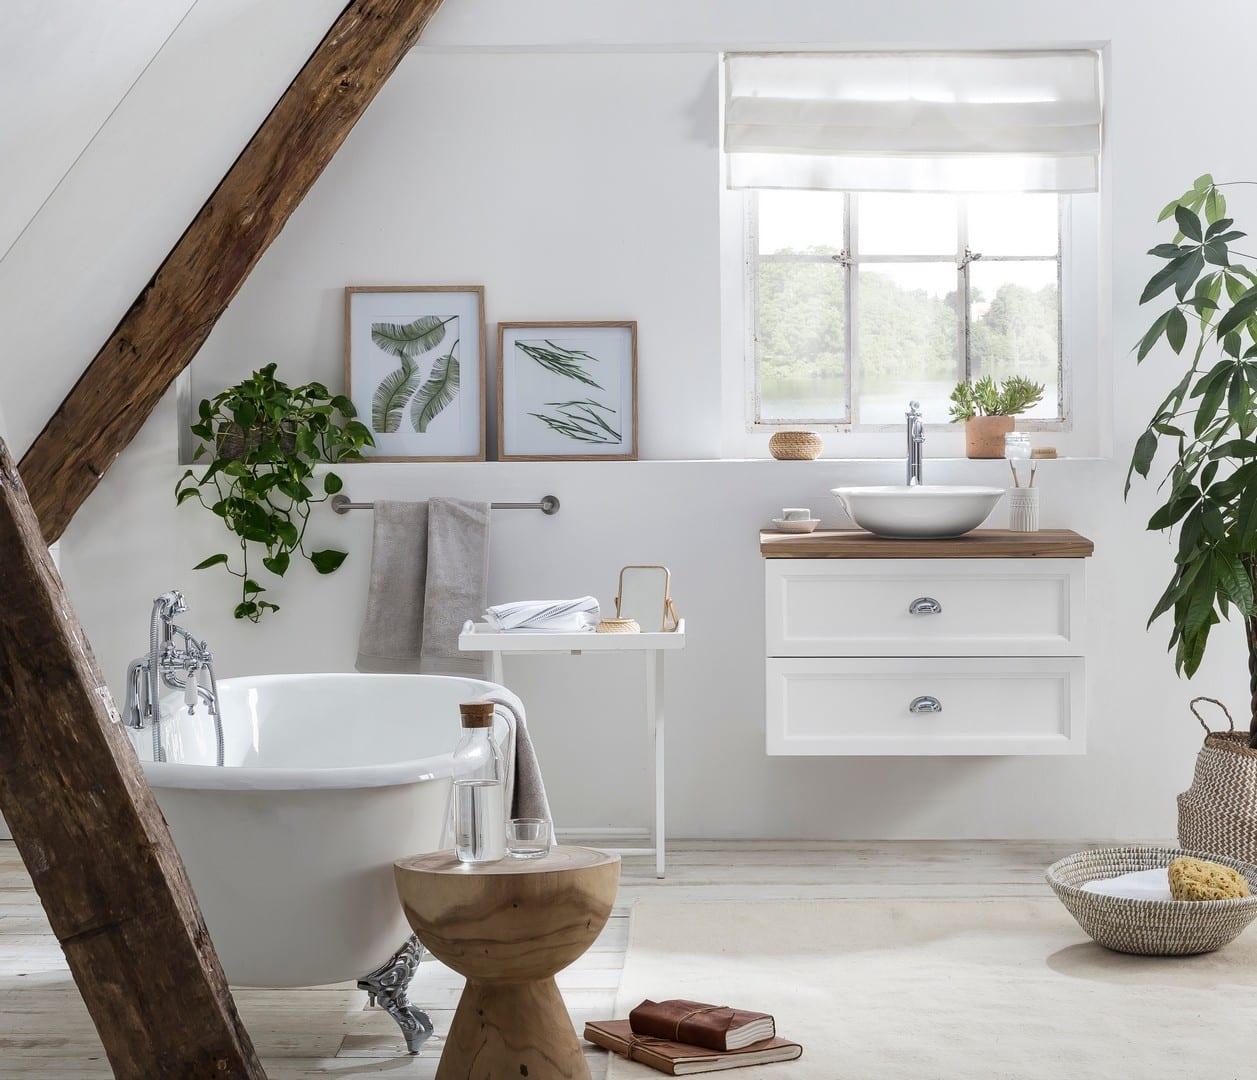 Dorset badkamer van natuurlijke materialen met frans eiken blad en keramische waskom